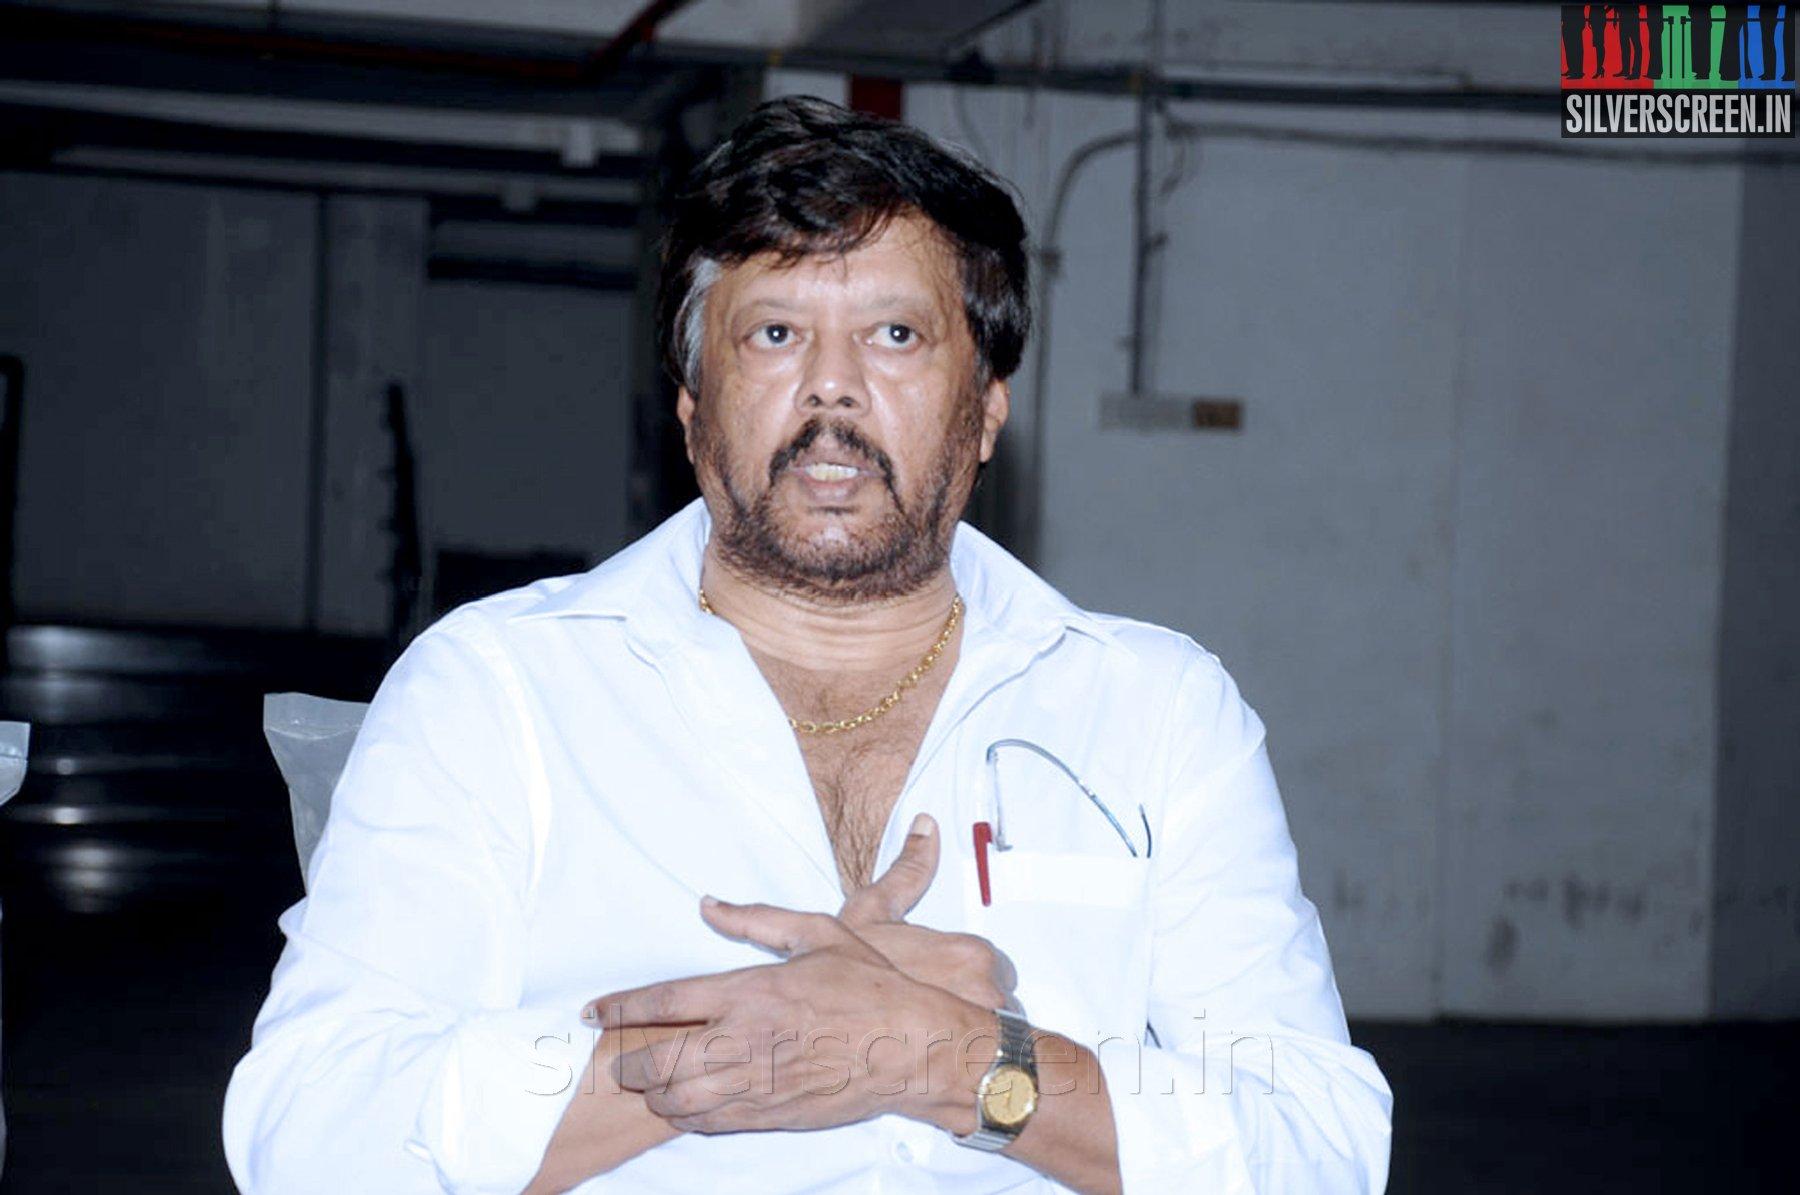 Actor Thiagarajan (or Thyagarajan) at his Press Meet